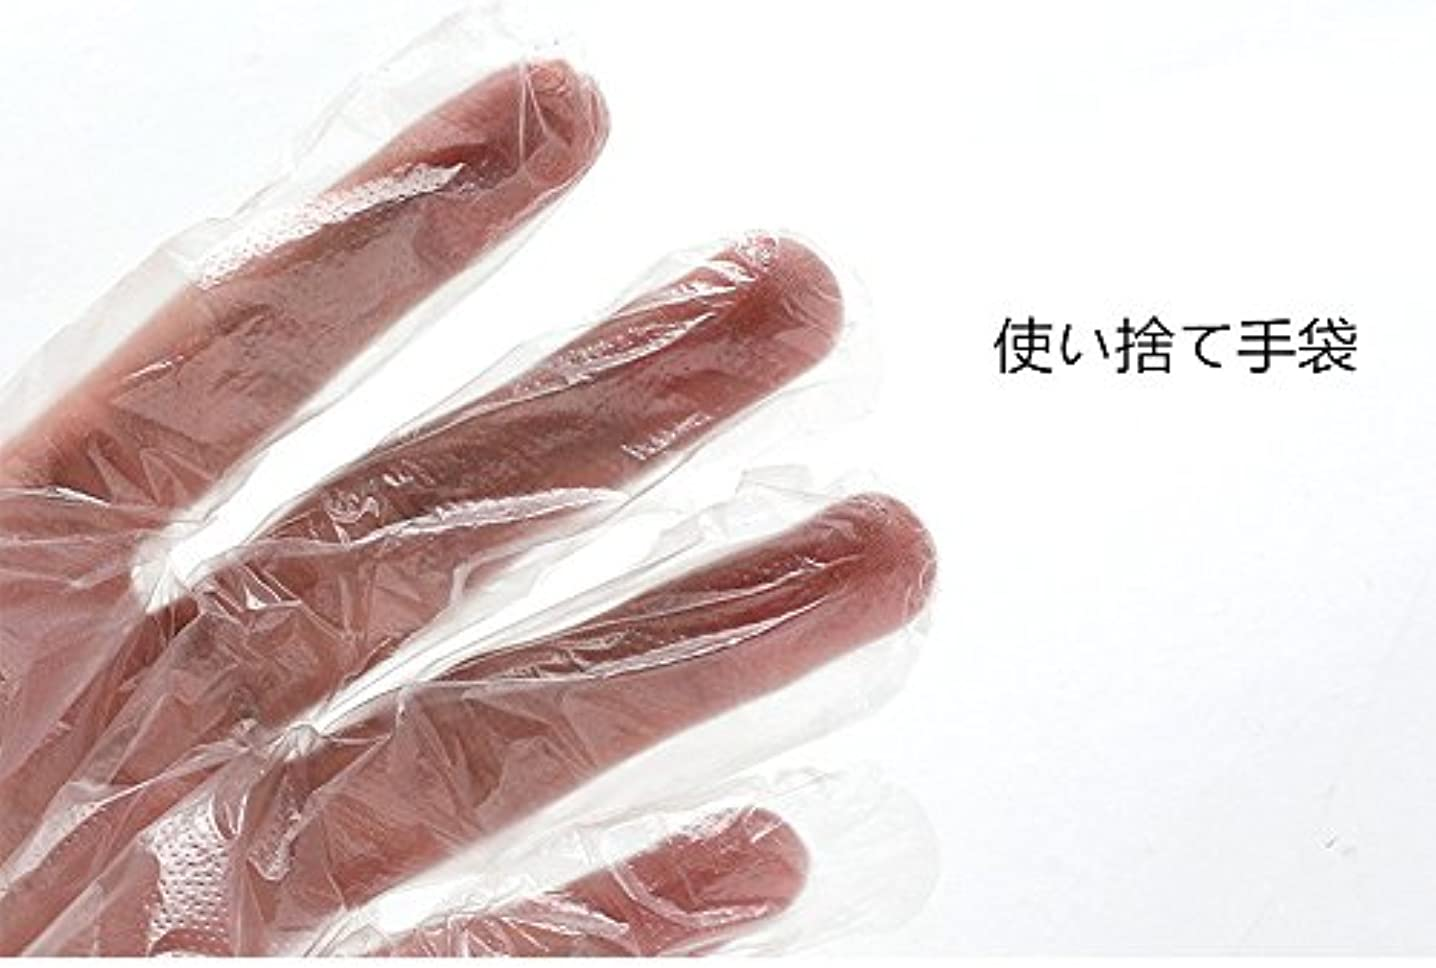 志す製造吹きさらし使い捨て手袋 左右兼用 掃除 介護 極薄ビニール手袋 ポリエチレン 透明 実用 衛生 95枚